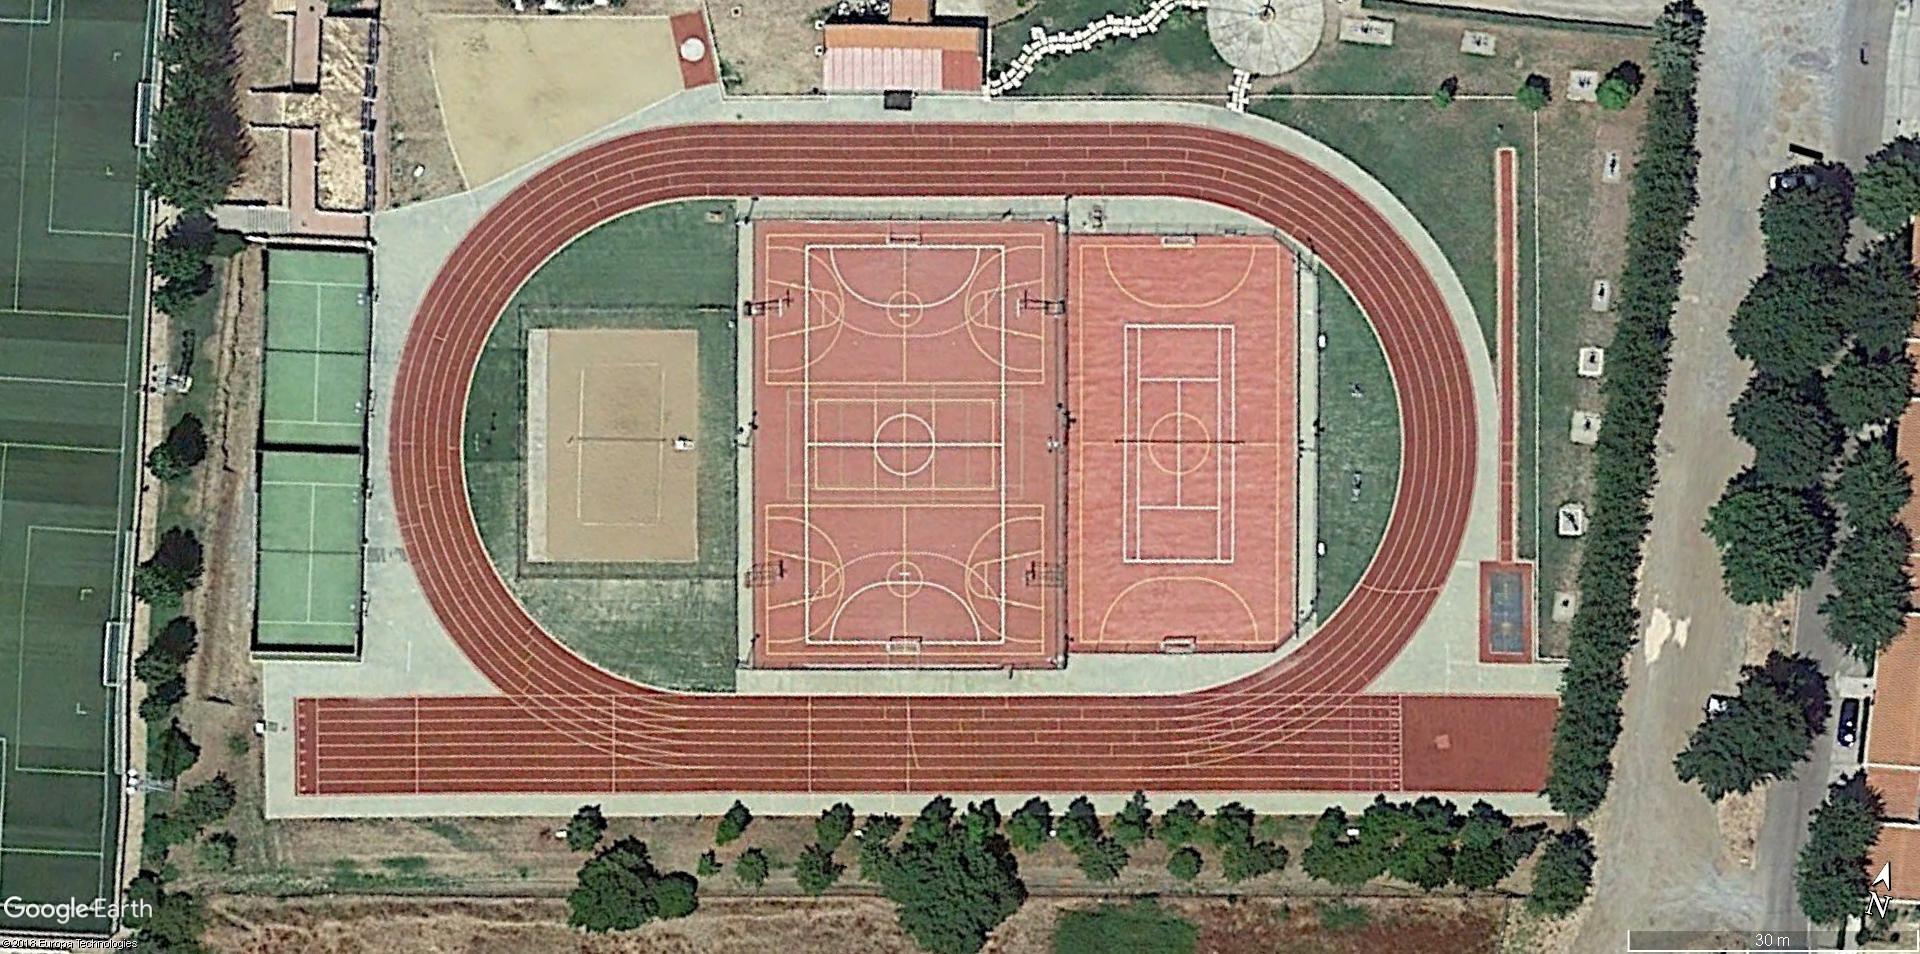 Vista aérea de la pista de atletismo de Aracena, con su actual pavimento.